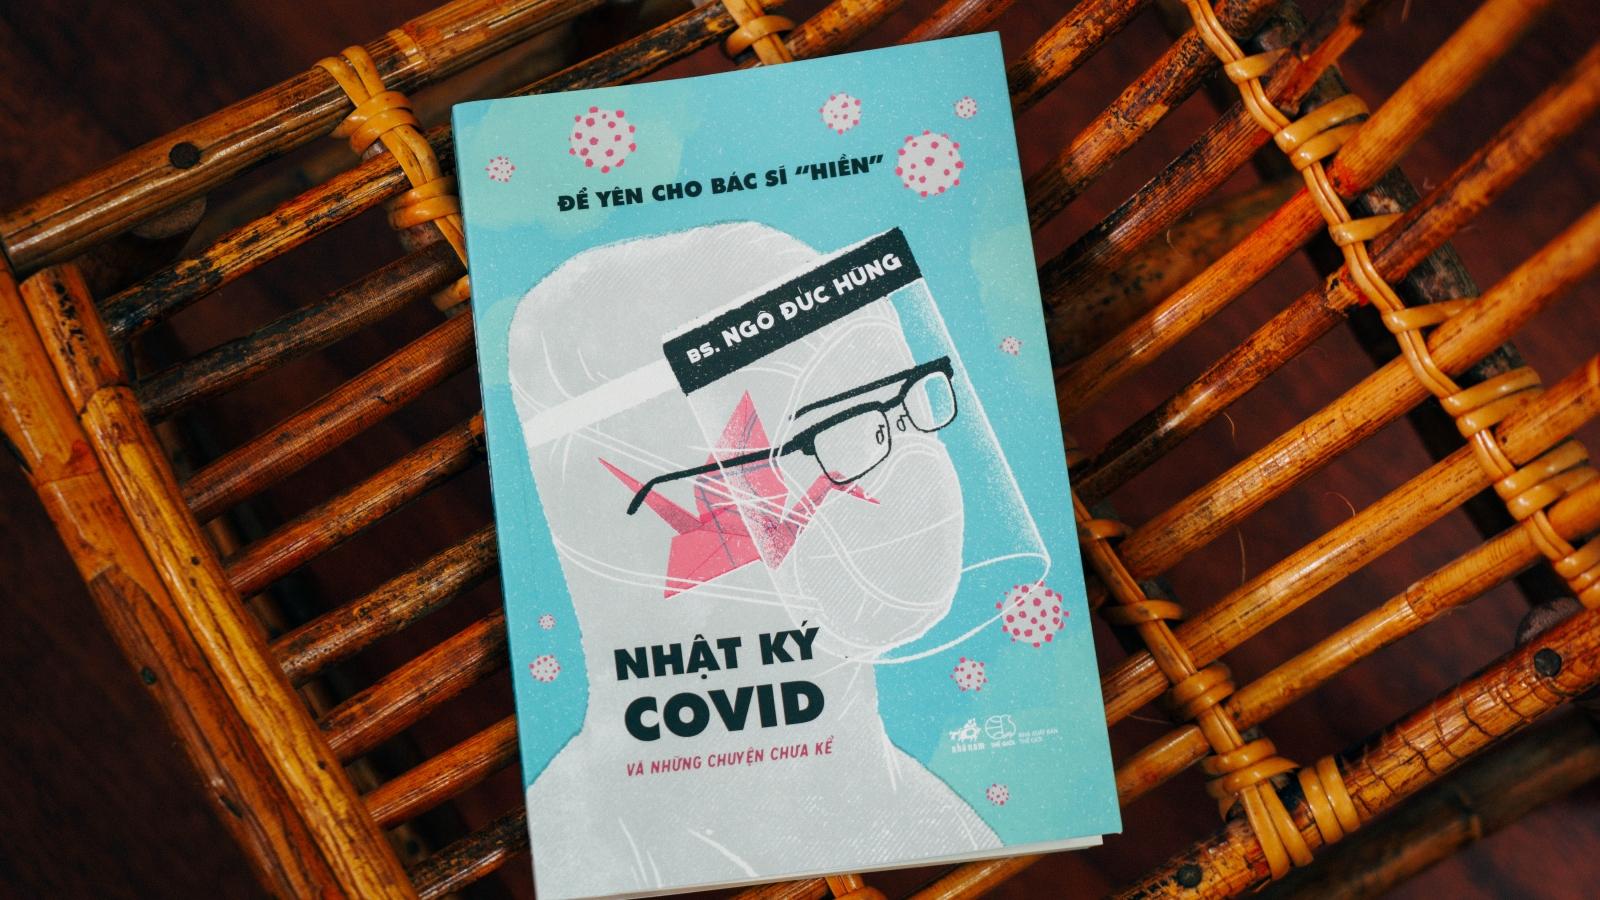 """""""Nhật ký Covid và những chuyện chưa kể"""": Covid-19 từ lăng kính của một bác sĩ ở tâm dịch"""